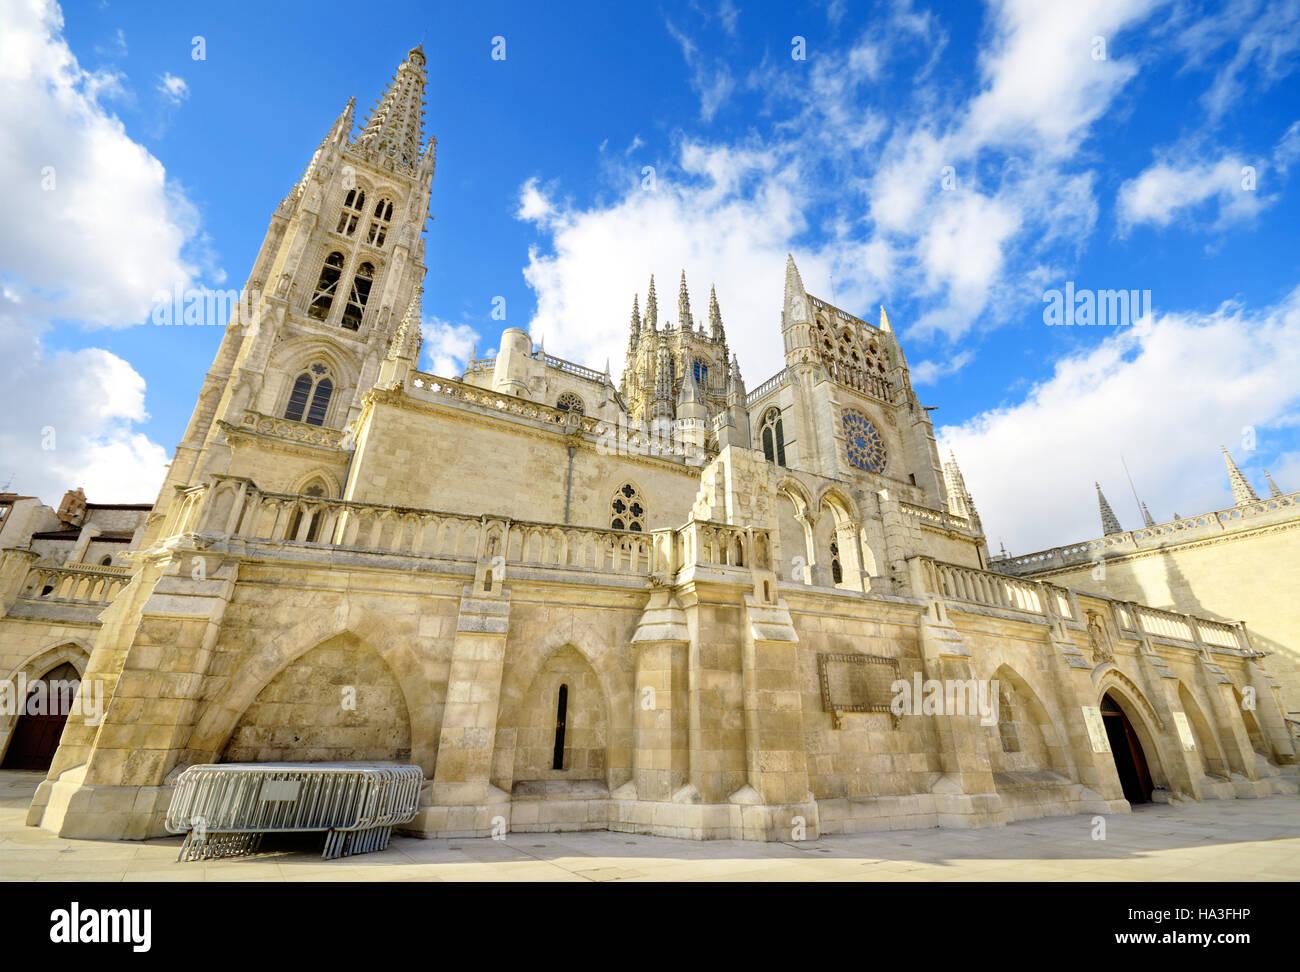 Burgos Cathedral.Famous Spanish Landmark. - Stock Image